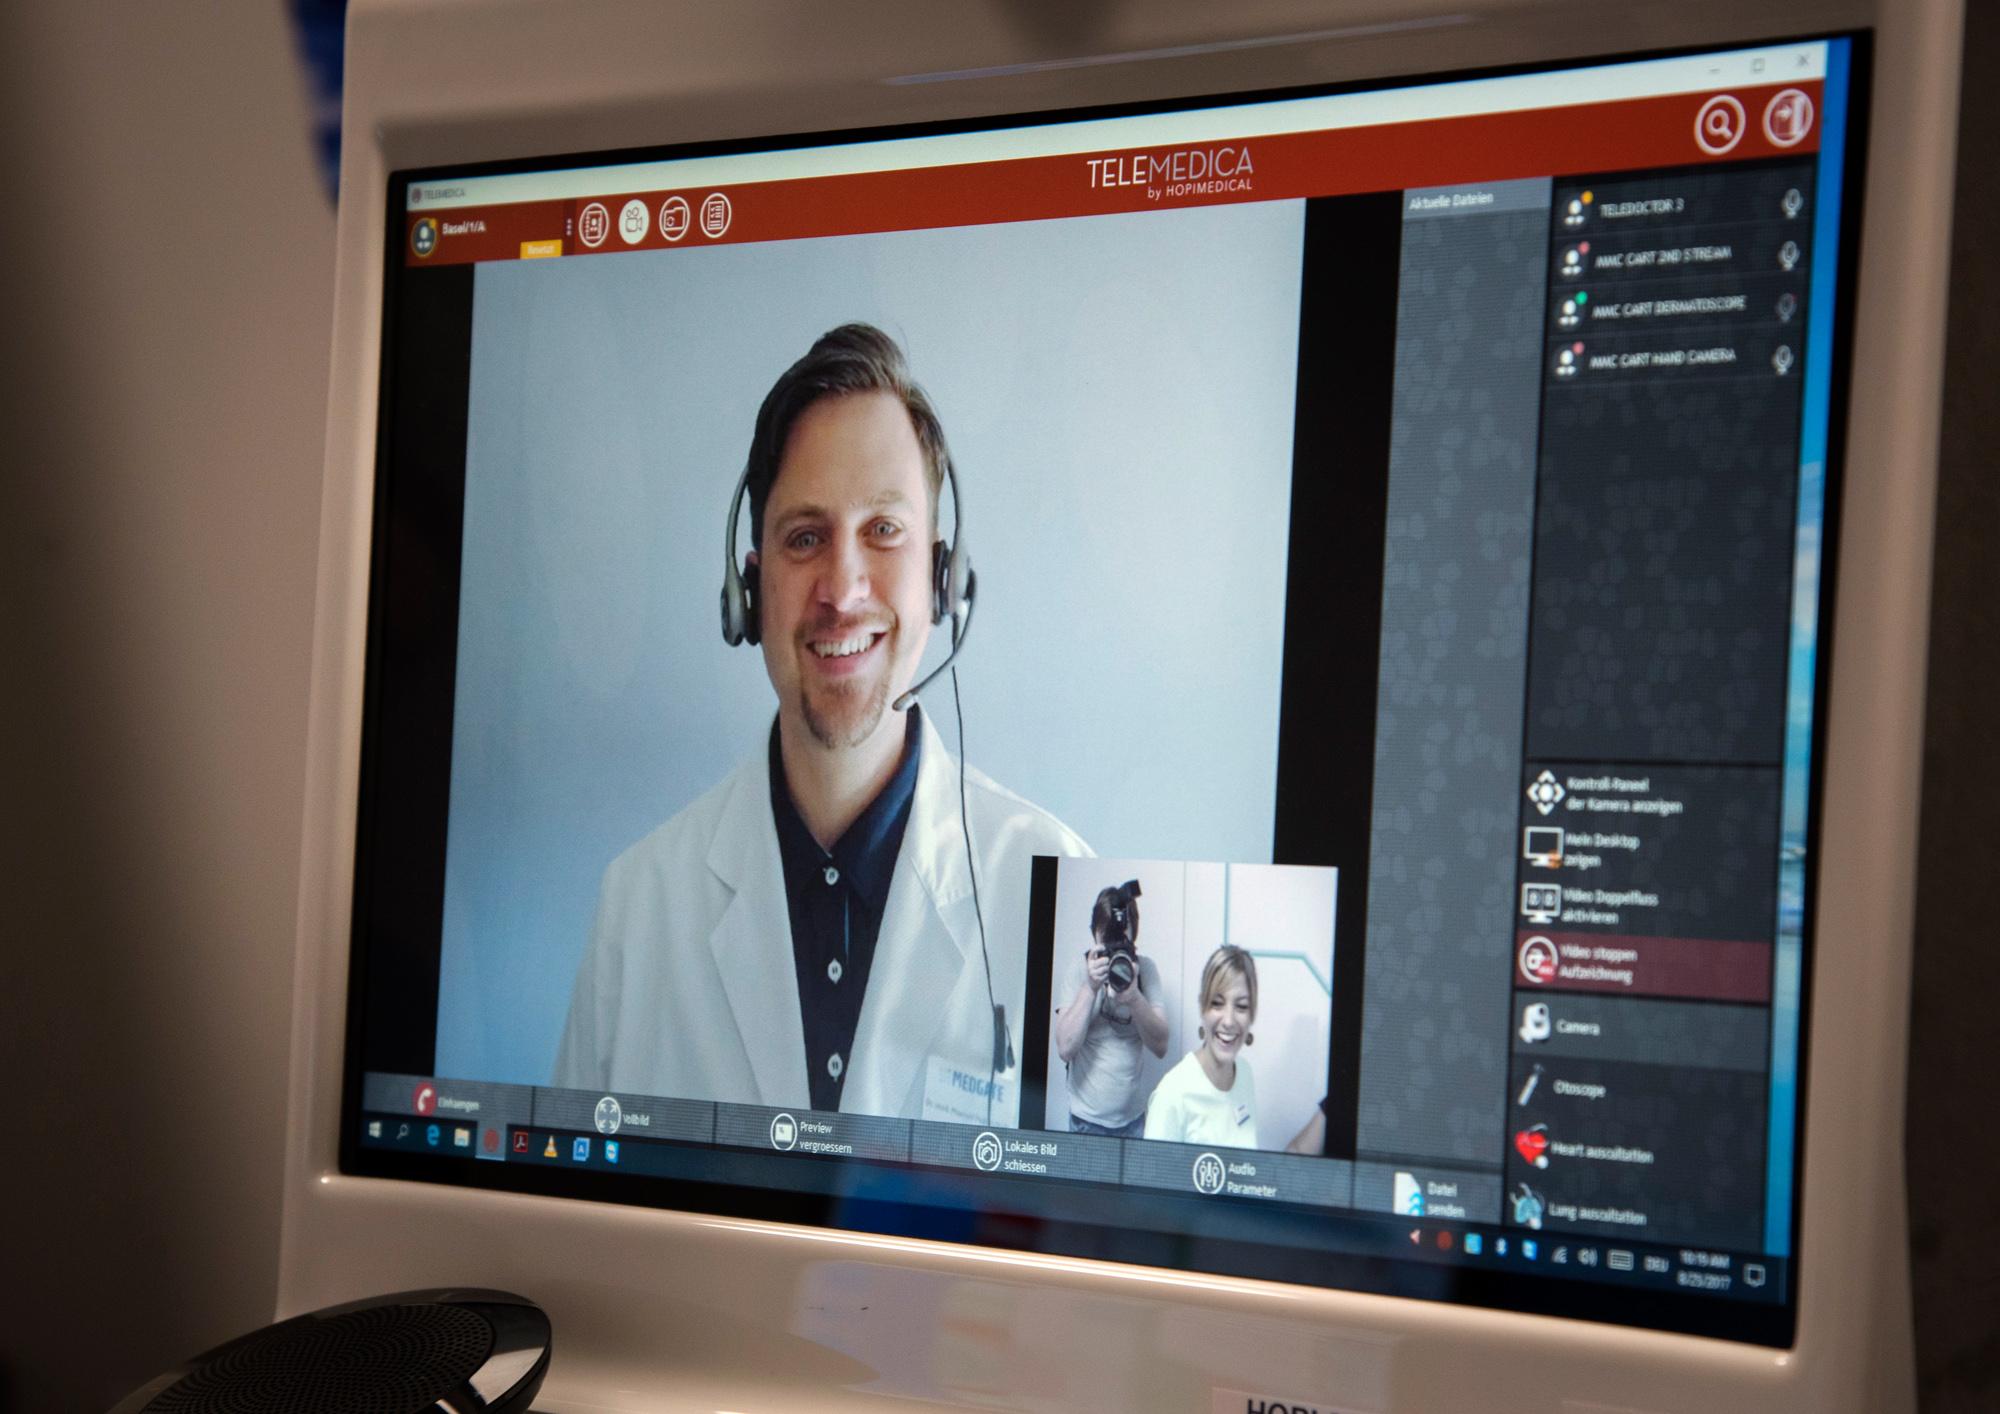 Der Arzt fragt, berät und leitet die Praxis-Assistentin per Skype an.